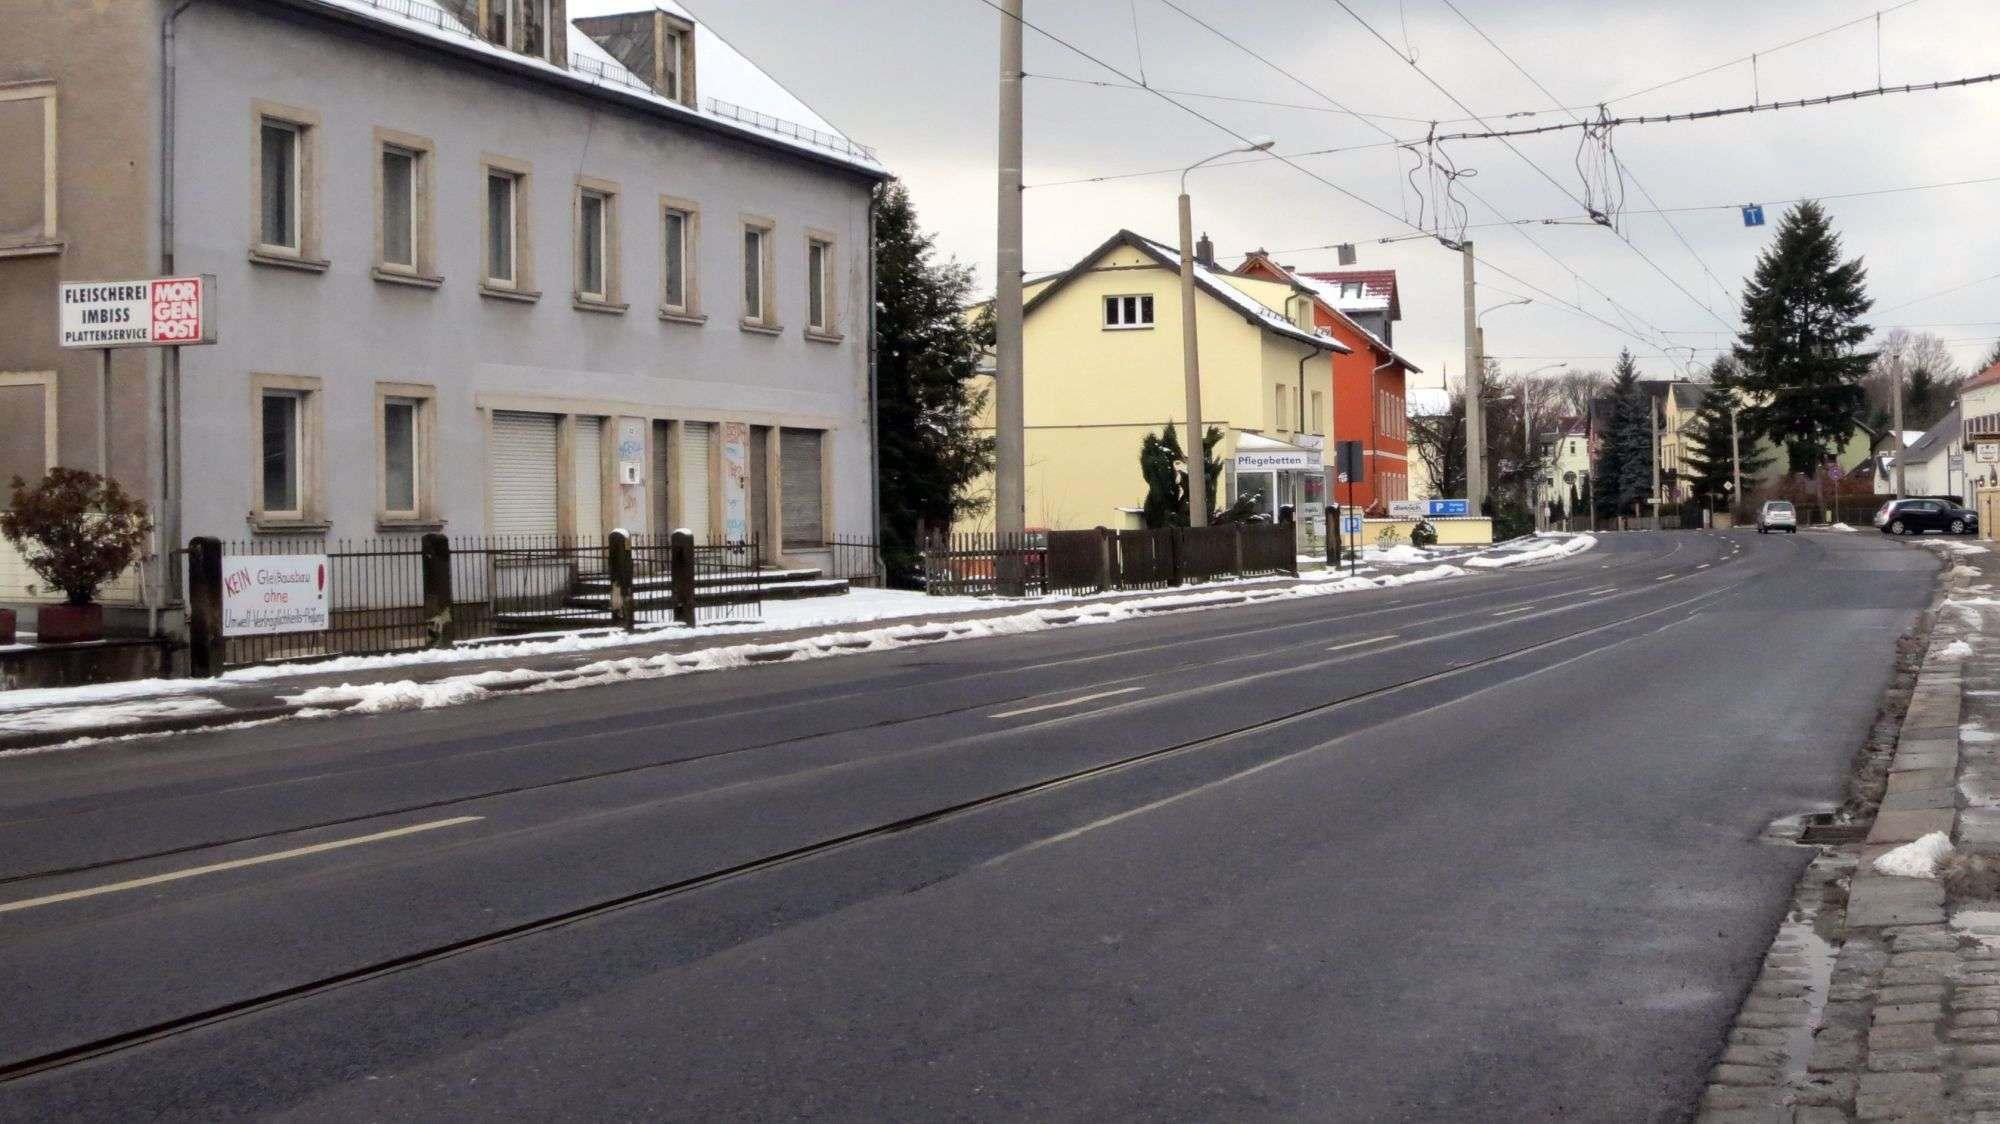 lohrmannstraße 20 dresden